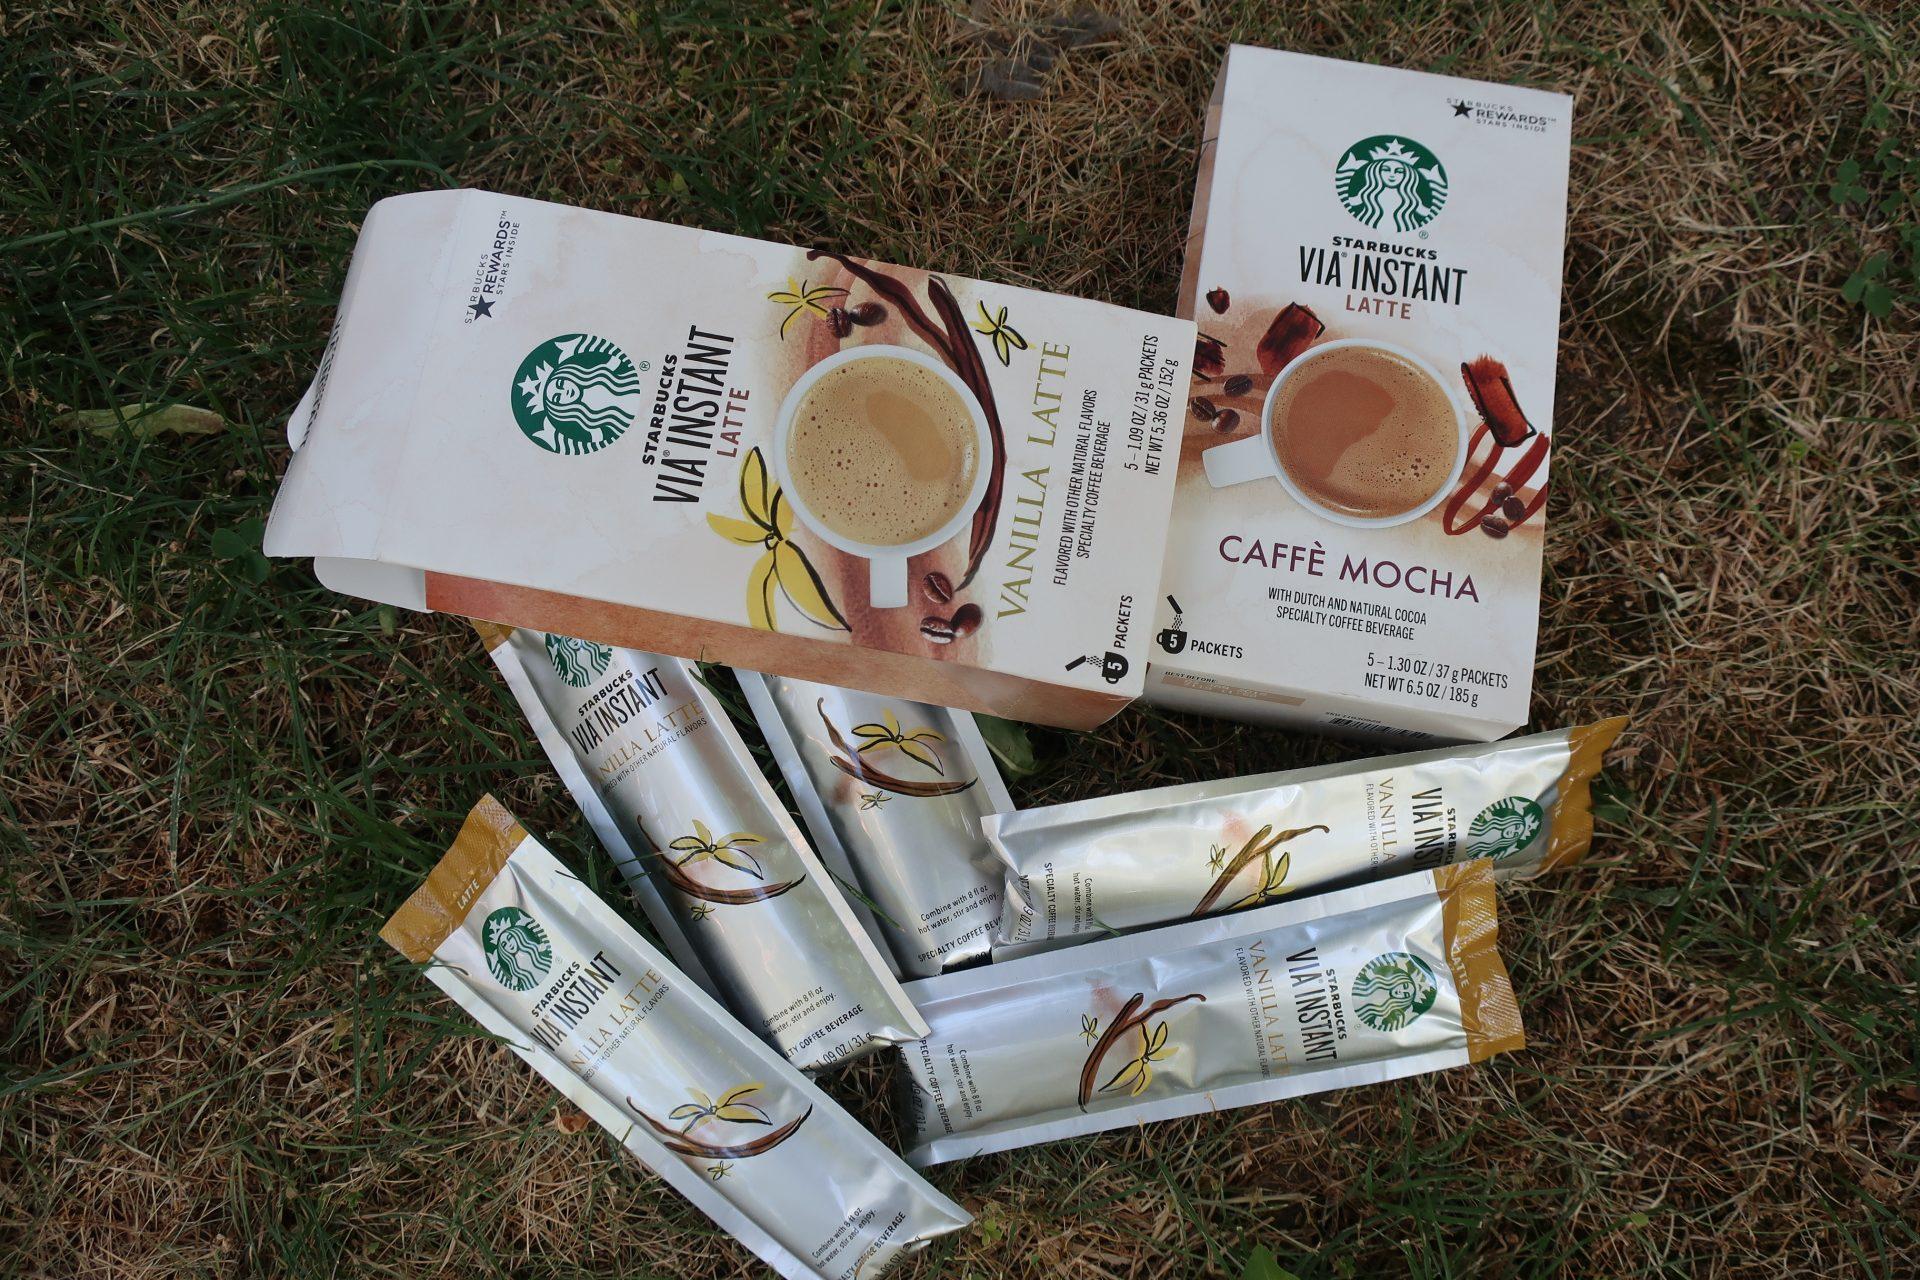 Nejlepší kafe - Starbucks